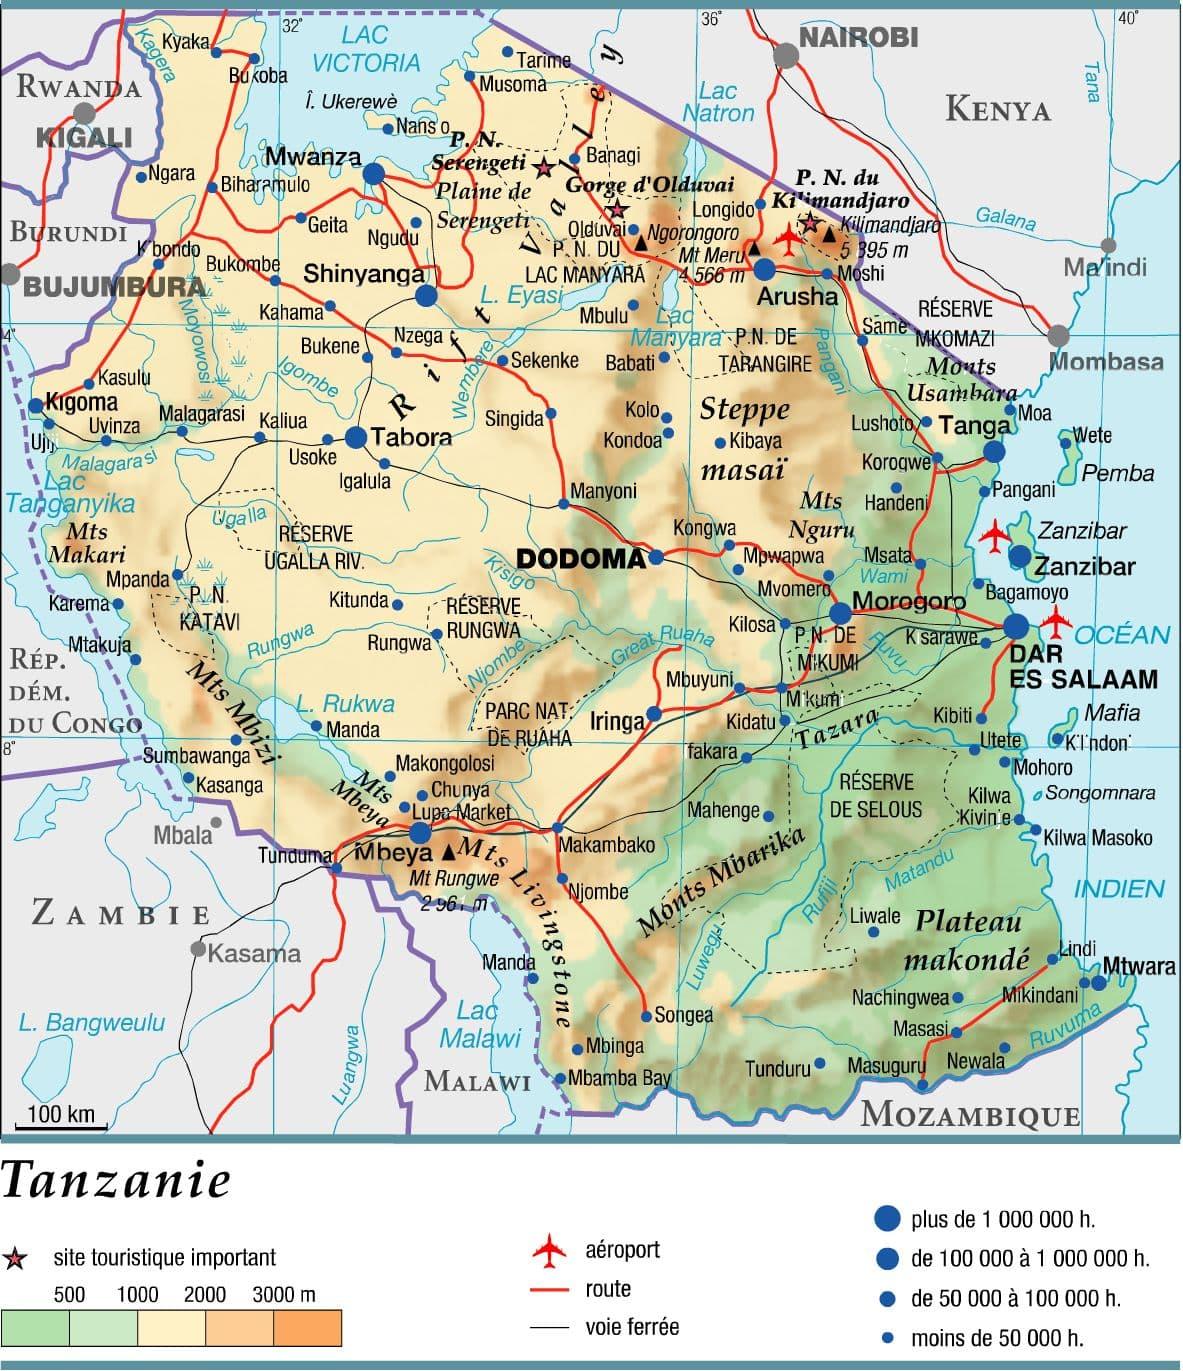 Encyclopédie Larousse en ligne   Tanzanie en anglais Tanzania